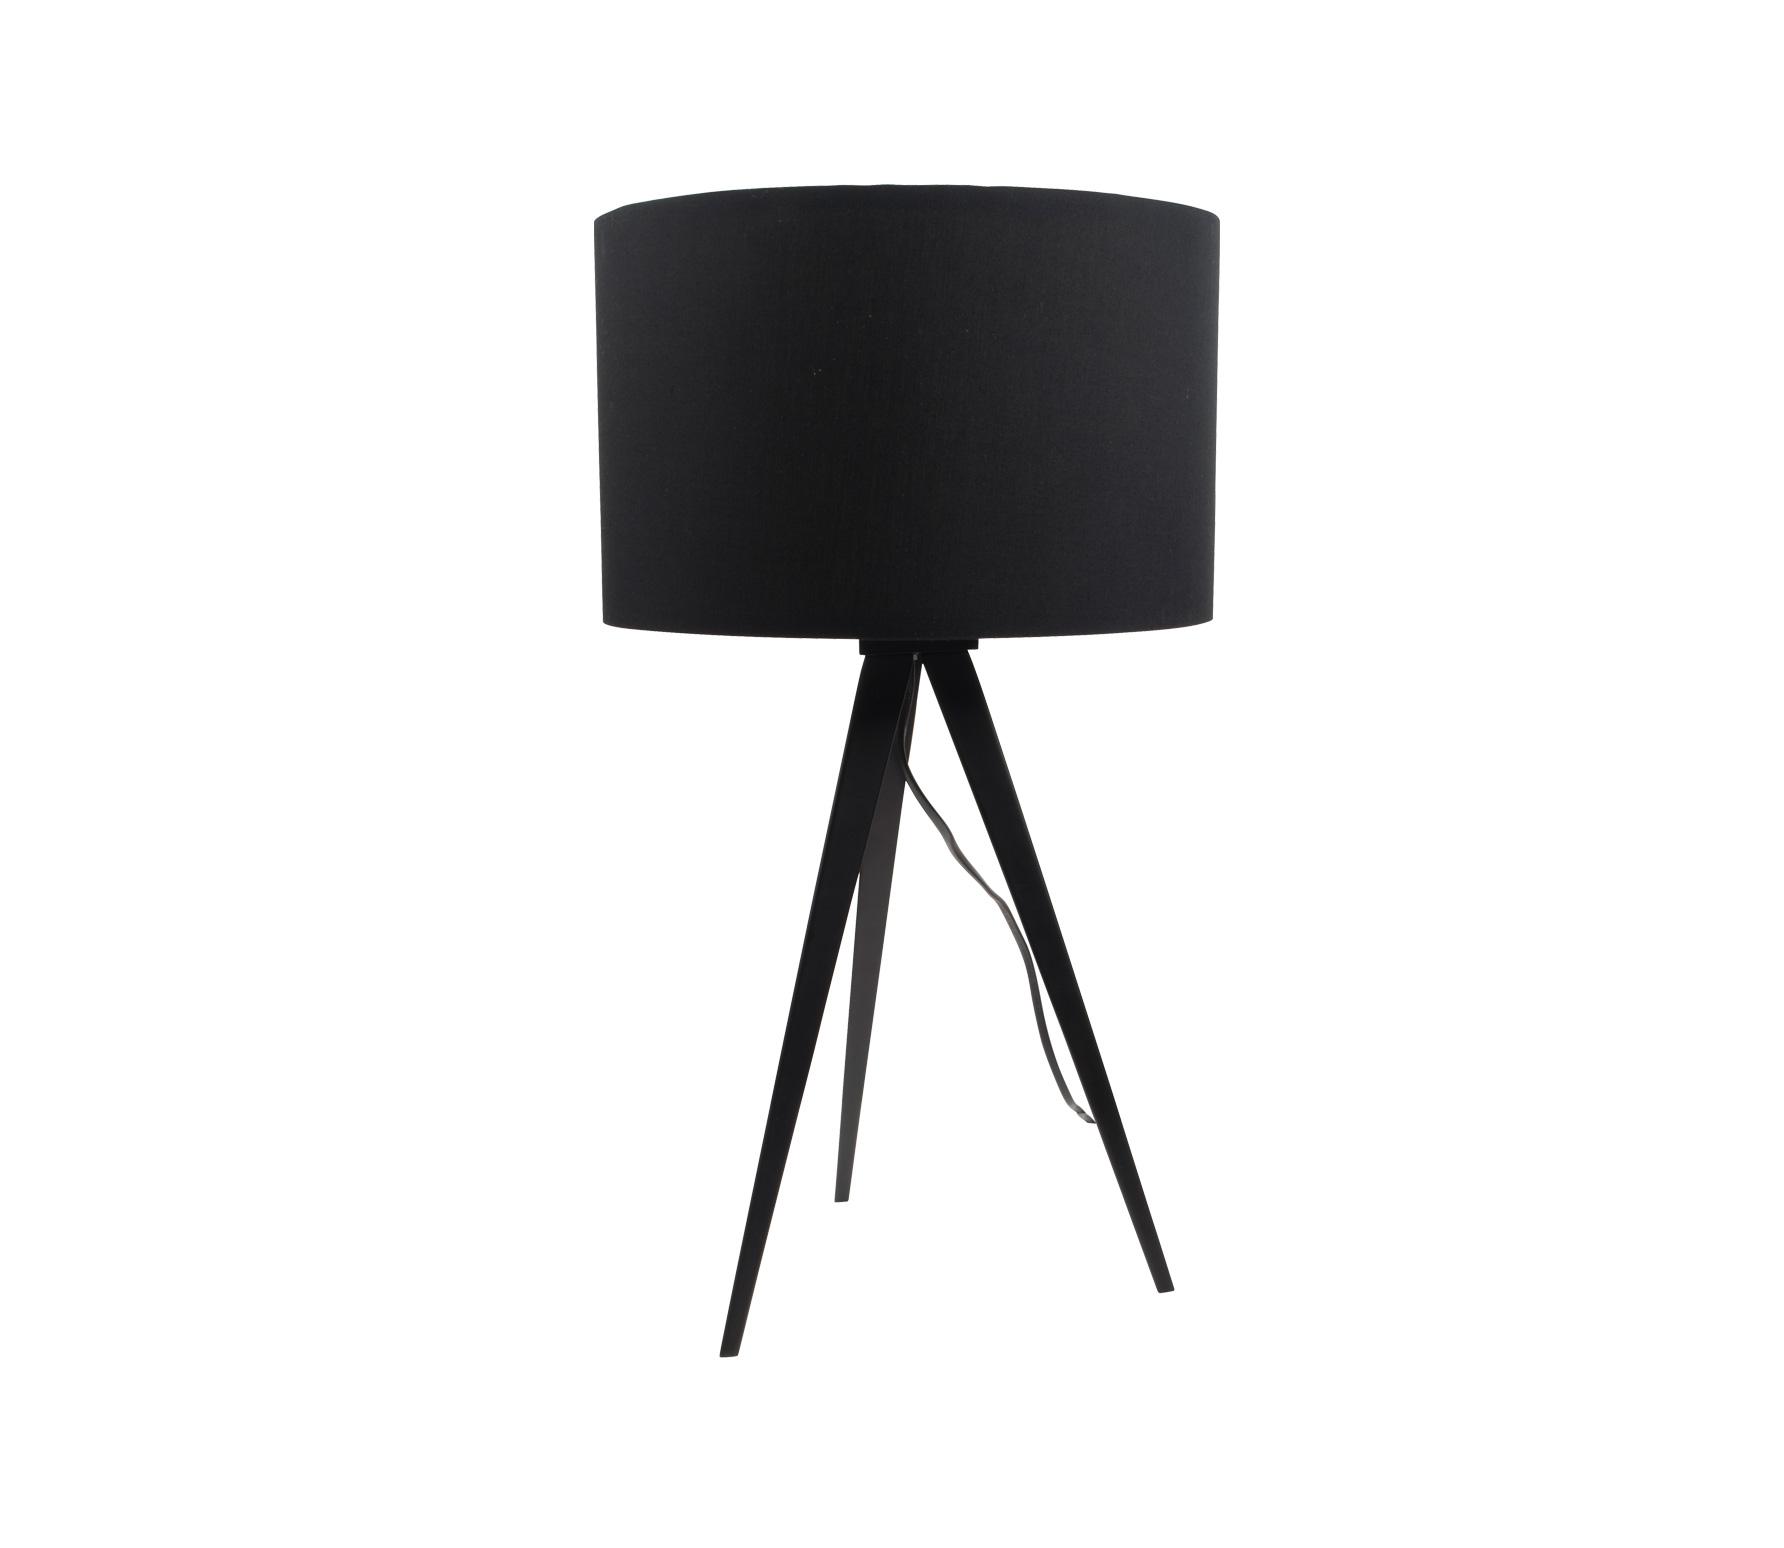 Zuiver Tripod tafellamp kunststof/metaal zwart